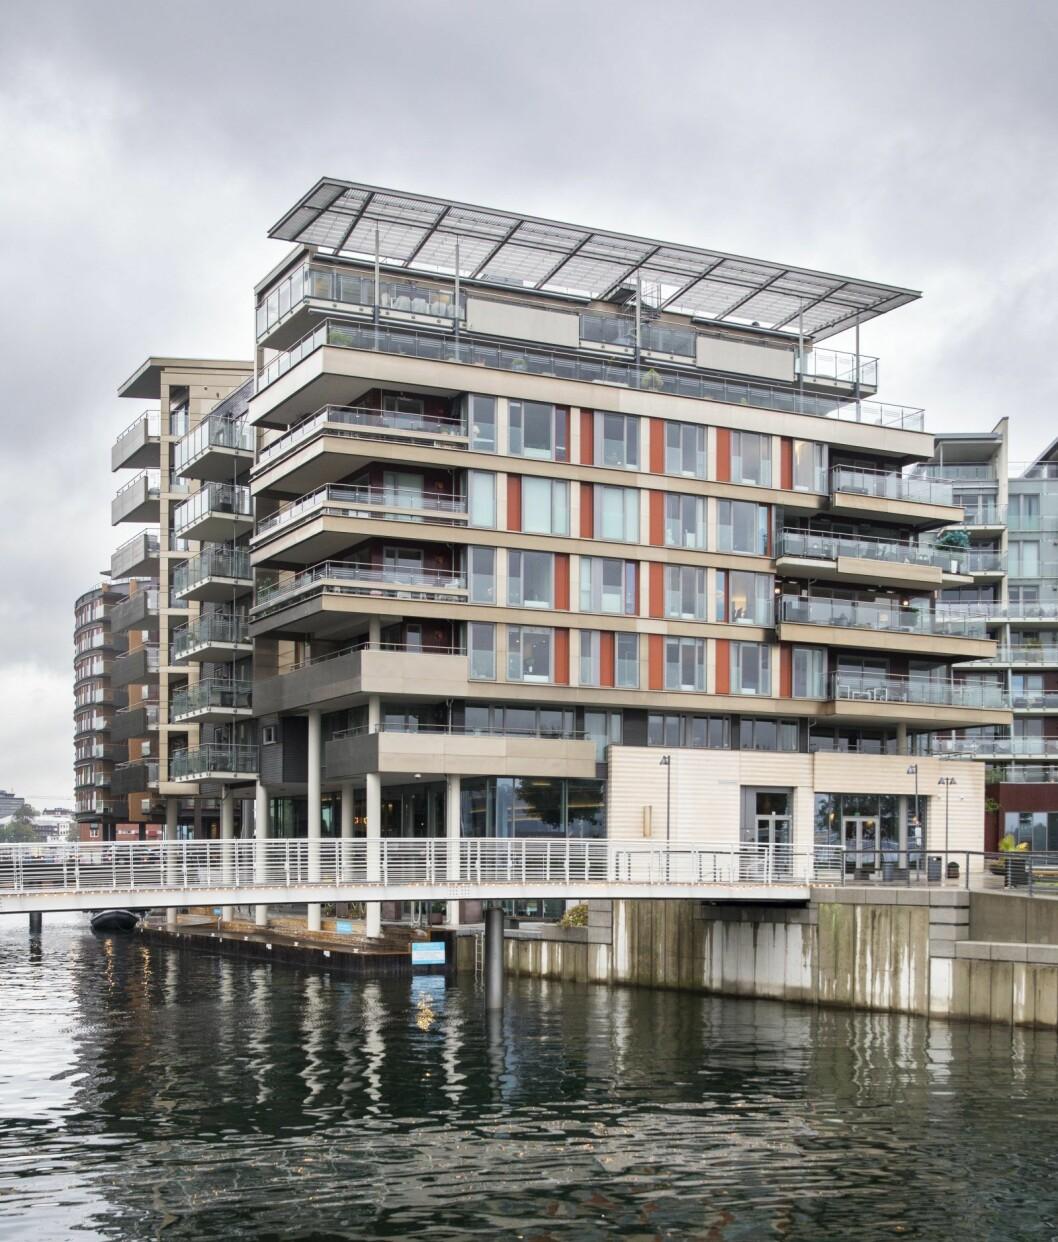 Kraftspekulant Einar Aas eier to toppleiligheter  i Strandpromenaden 5 på Tjuvholmen i Oslo. Han kjøpte dem i 2009 for rundt 42 millioner kroner og slo dem sammen til én leilighet. Foto: Ole Berg-Rusten / NTB Scanpix